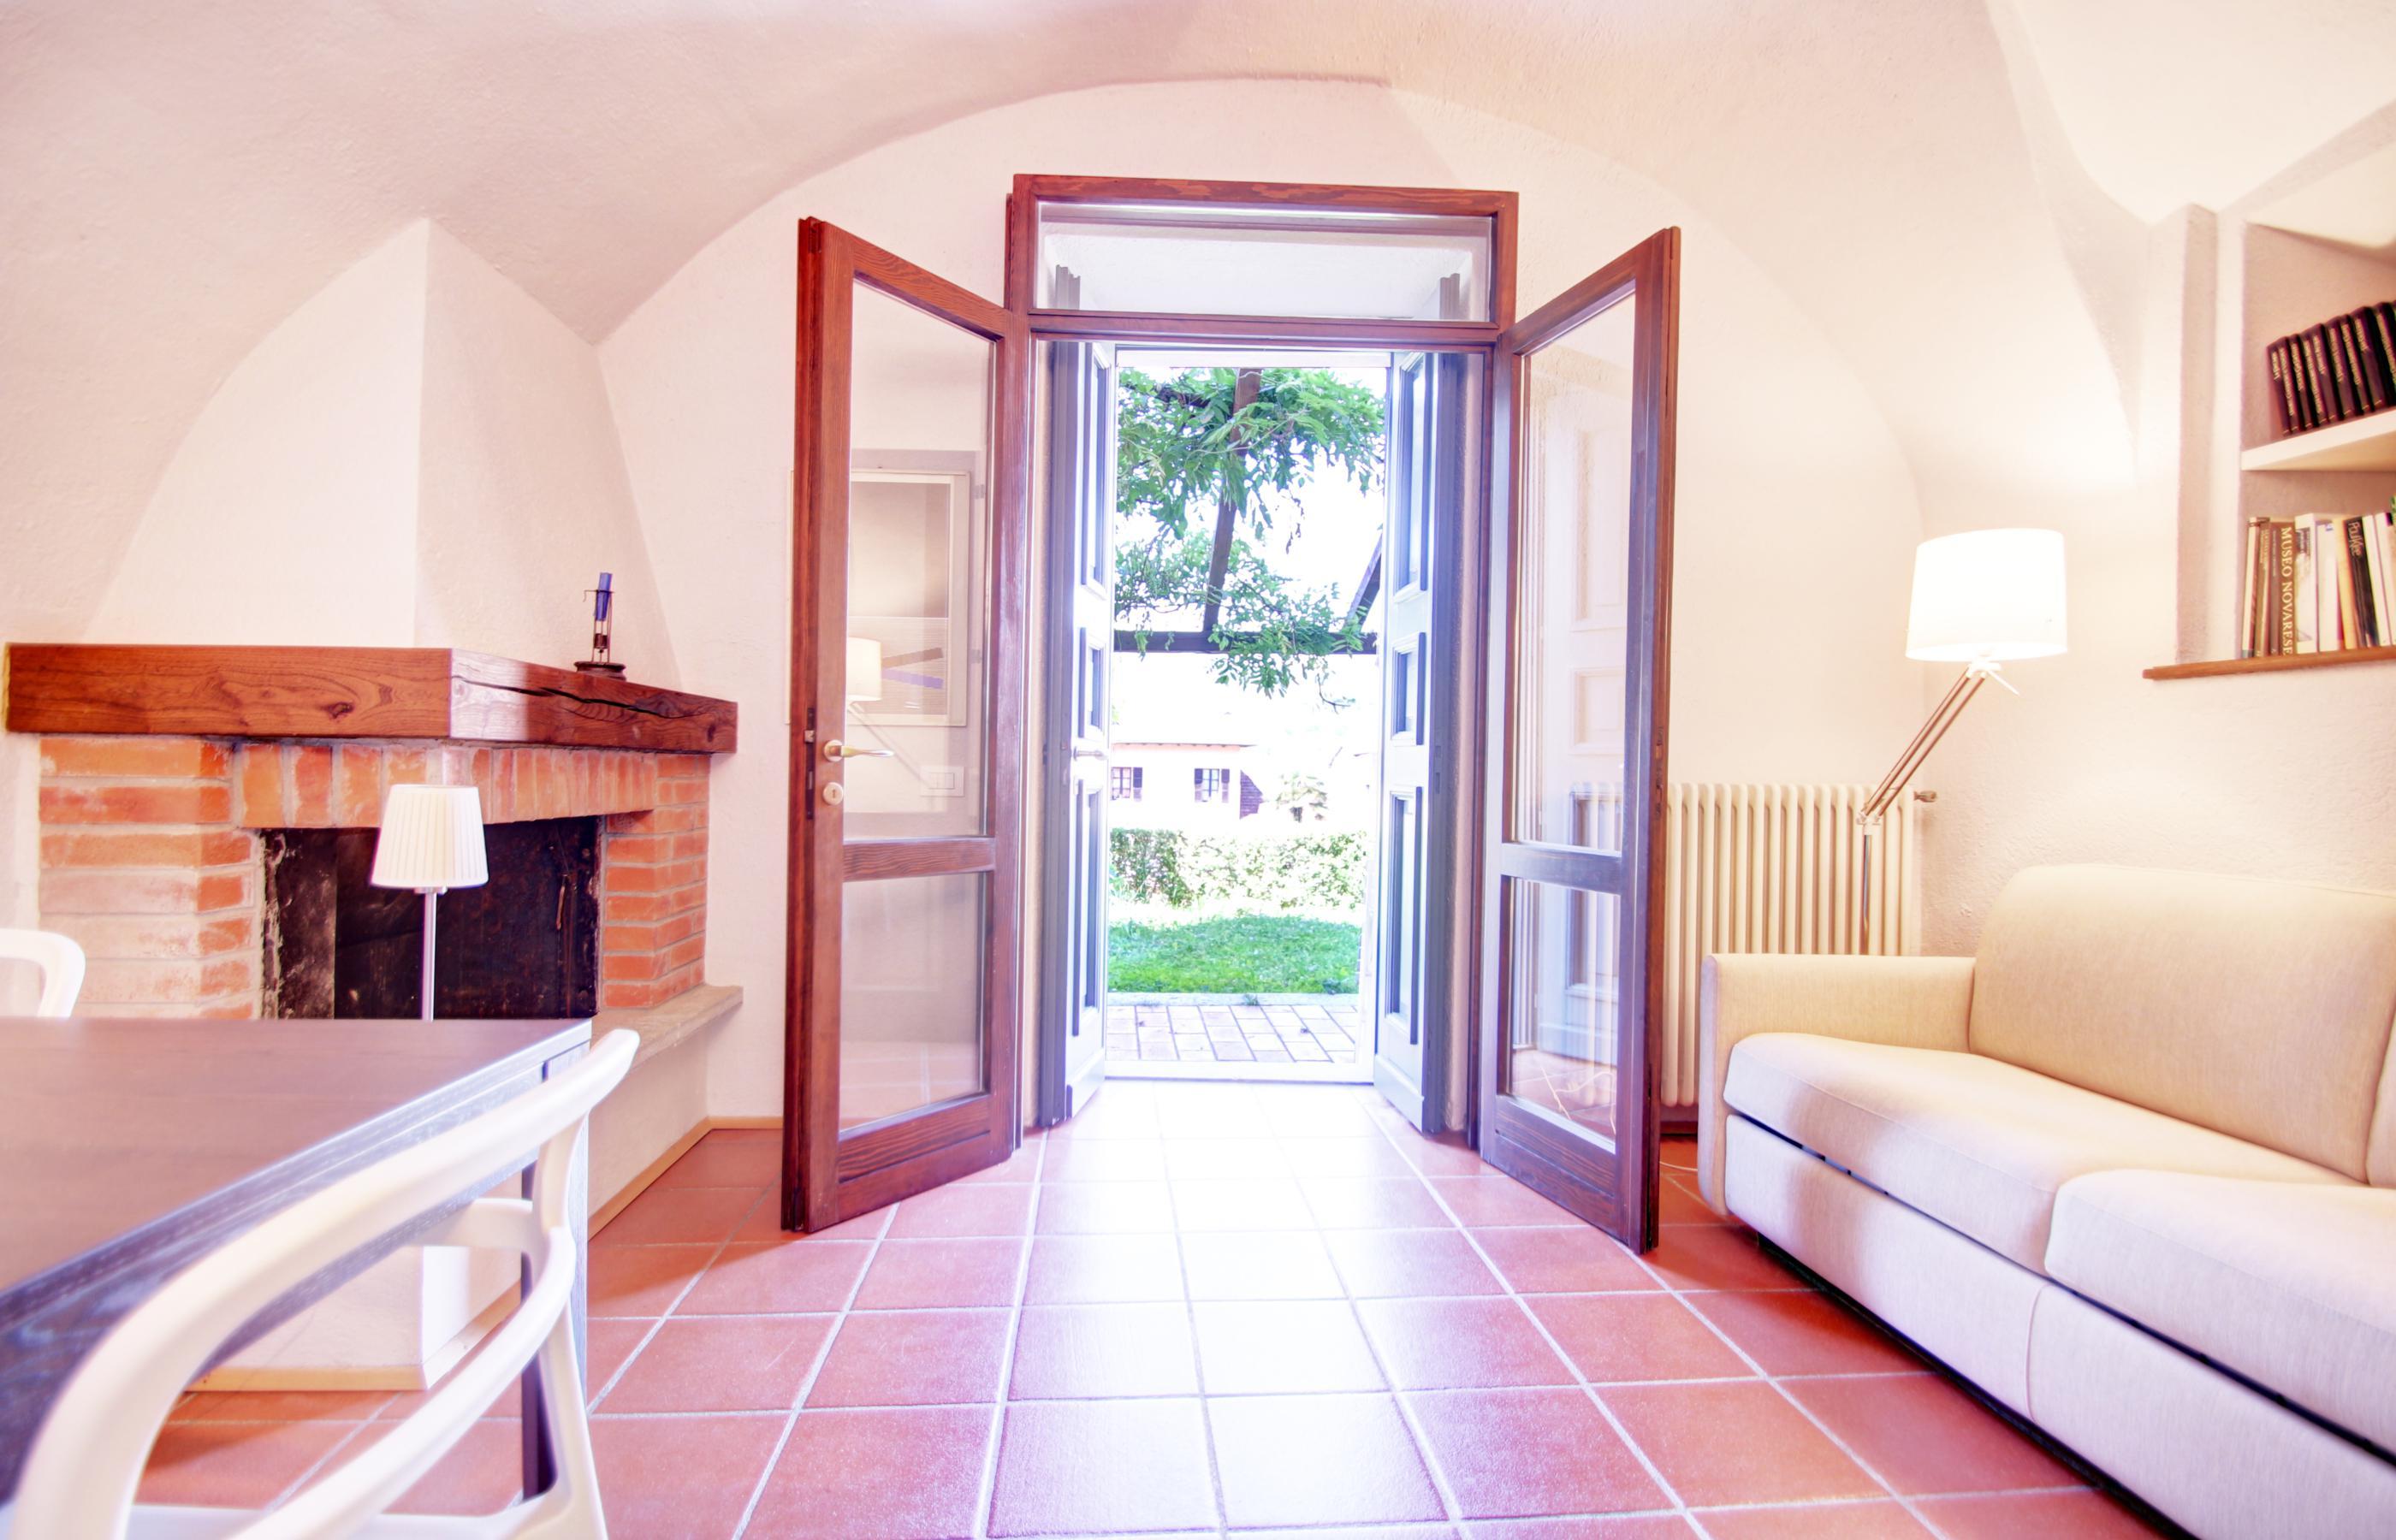 Orta appartamento con giardino privato ortalloggi - Appartamento con giardino privato ...